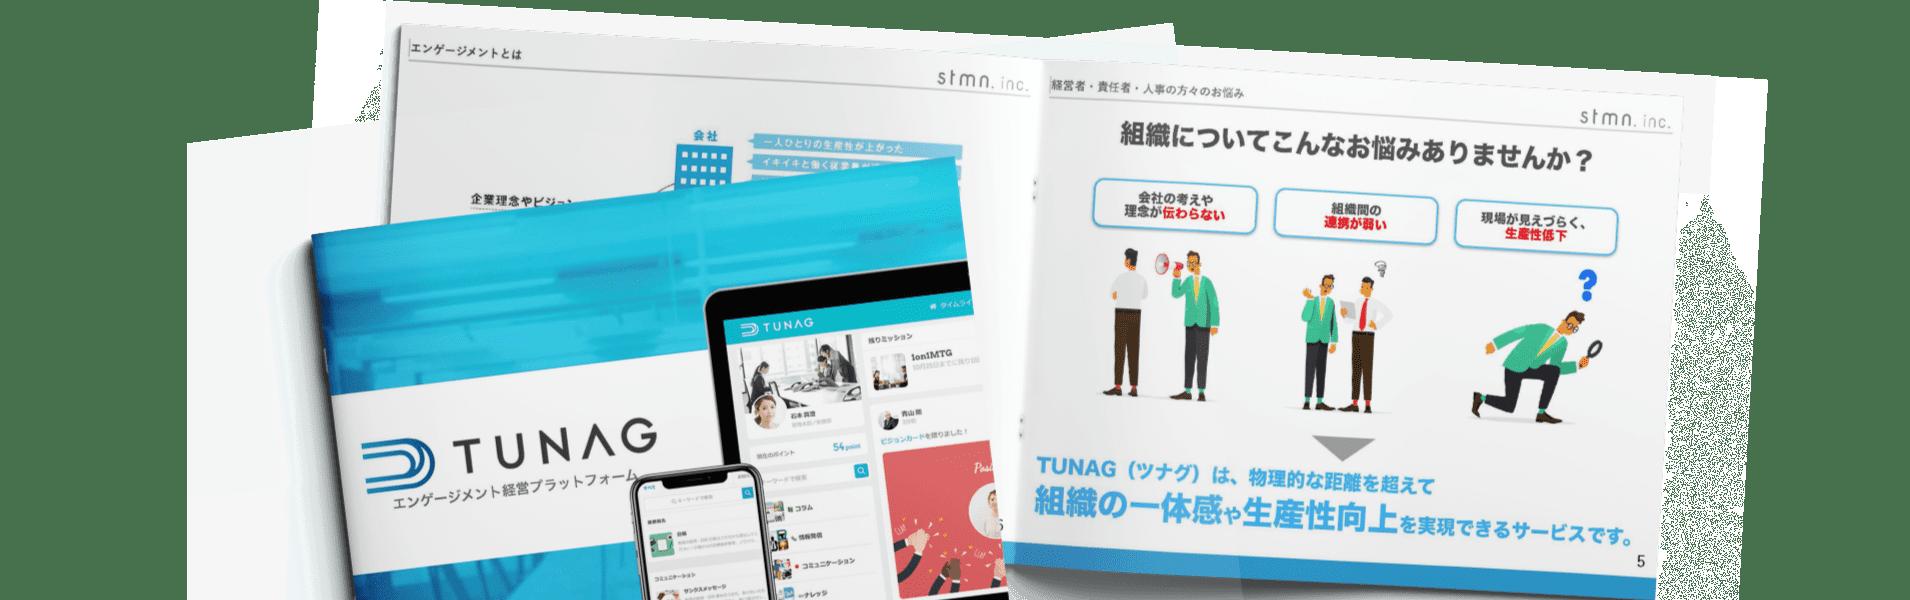 サービス内容が3分でわかる TUNAGサービス資料